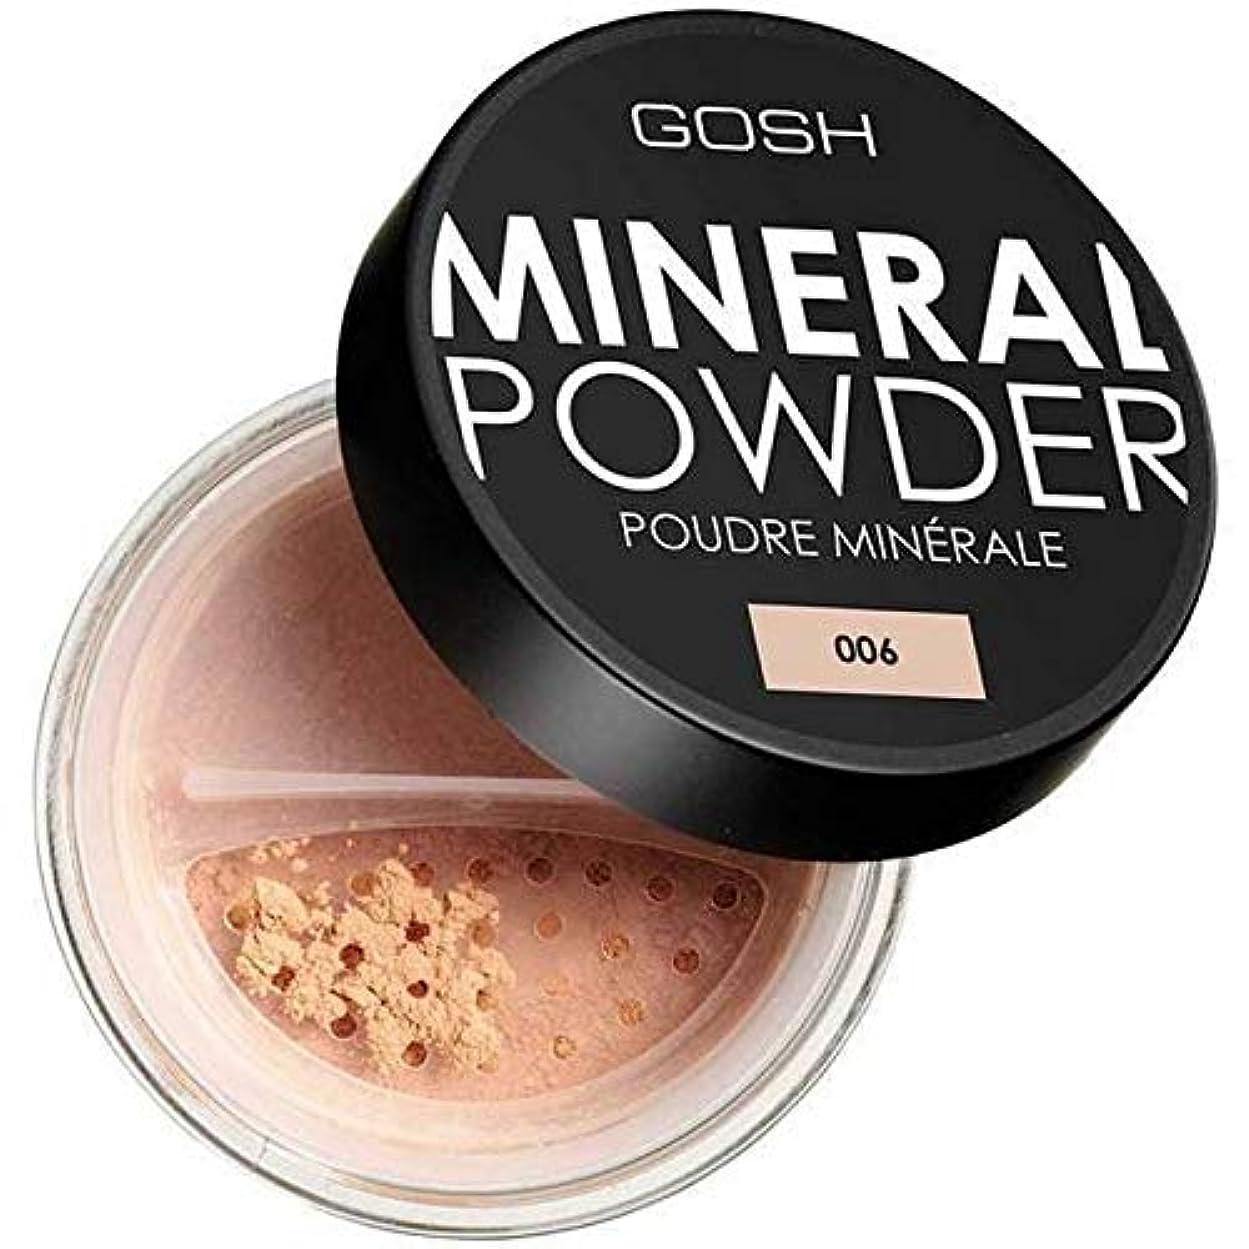 家具レビューリス[GOSH ] おやっミネラルフルカバレッジ基礎粉末蜂蜜006 - GOSH Mineral Full Coverage Foundation Powder Honey 006 [並行輸入品]